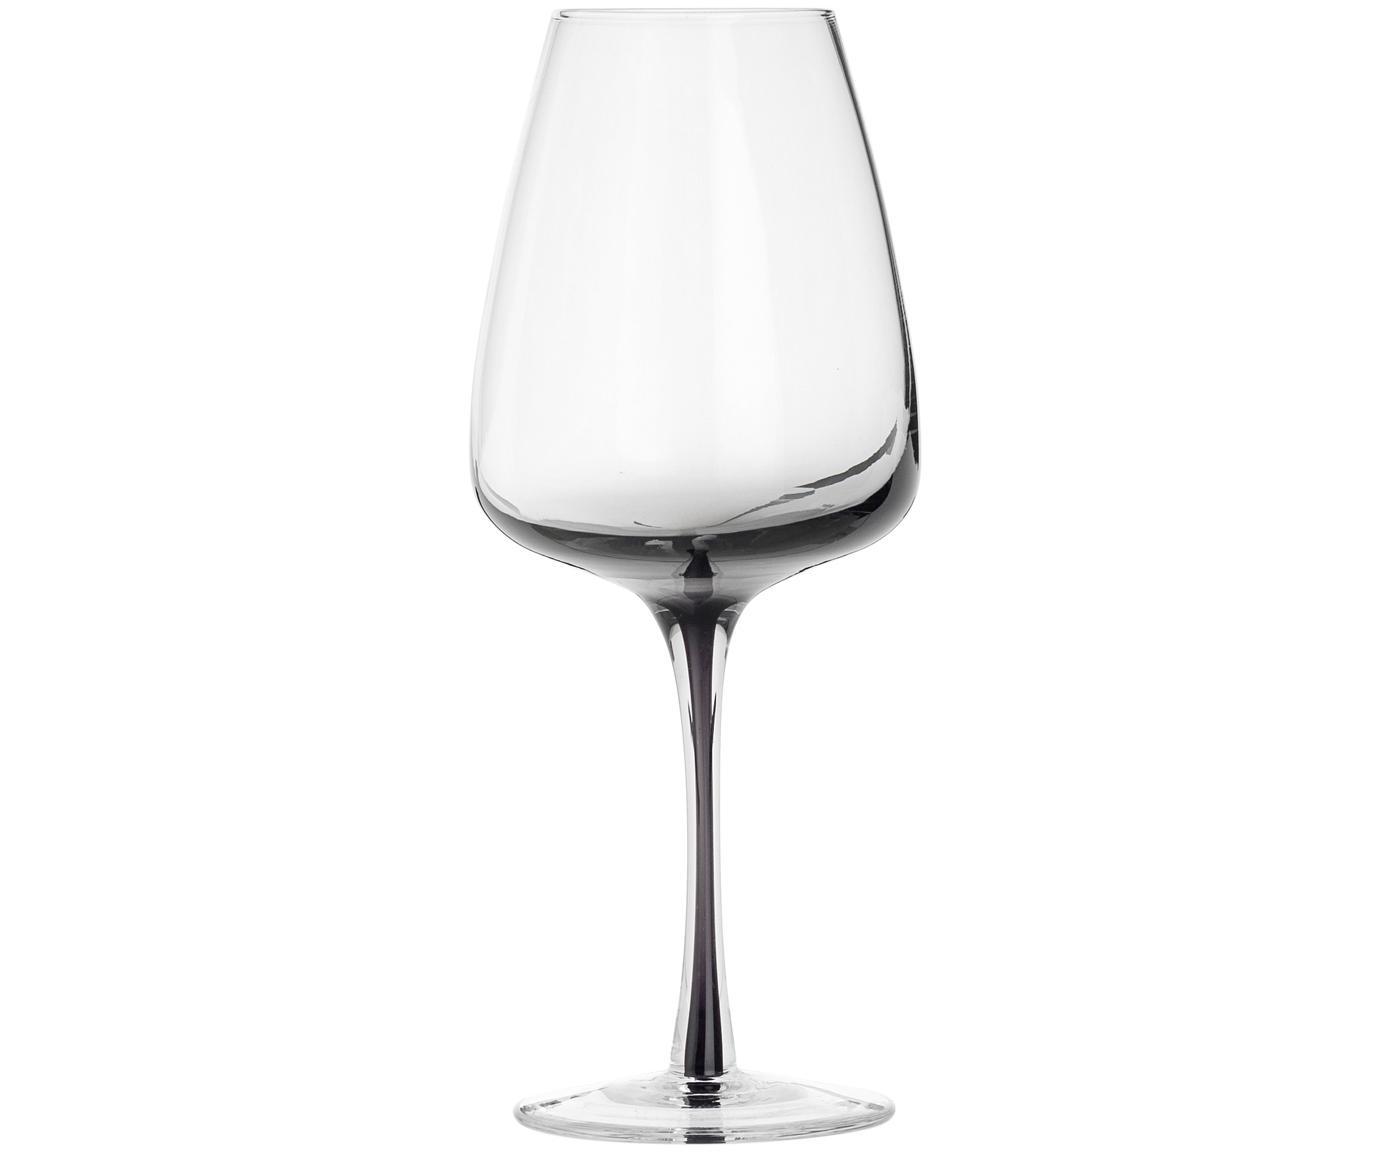 Kieliszek do białego wina ze szkła dmuchanego Smoke, 4 szt., Szkło dmuchane, Szary, Ø 9 x W 21 cm